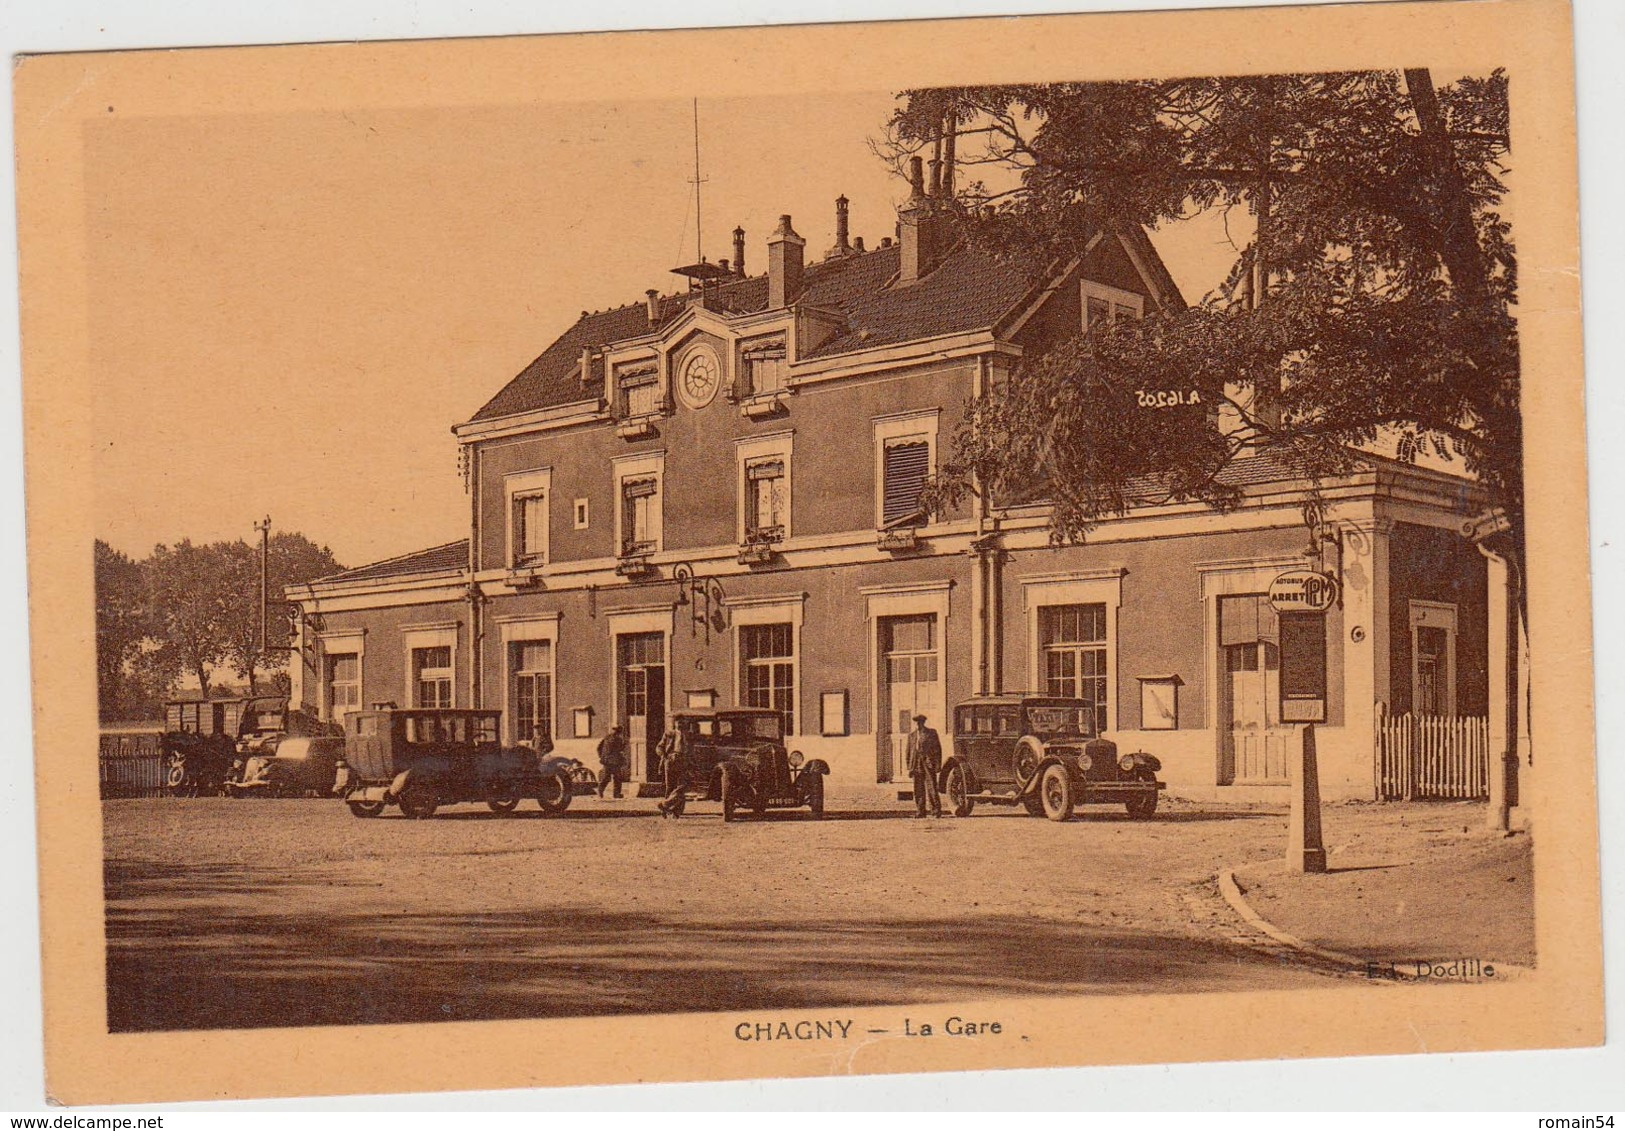 CHAGNY-LA GARE - France